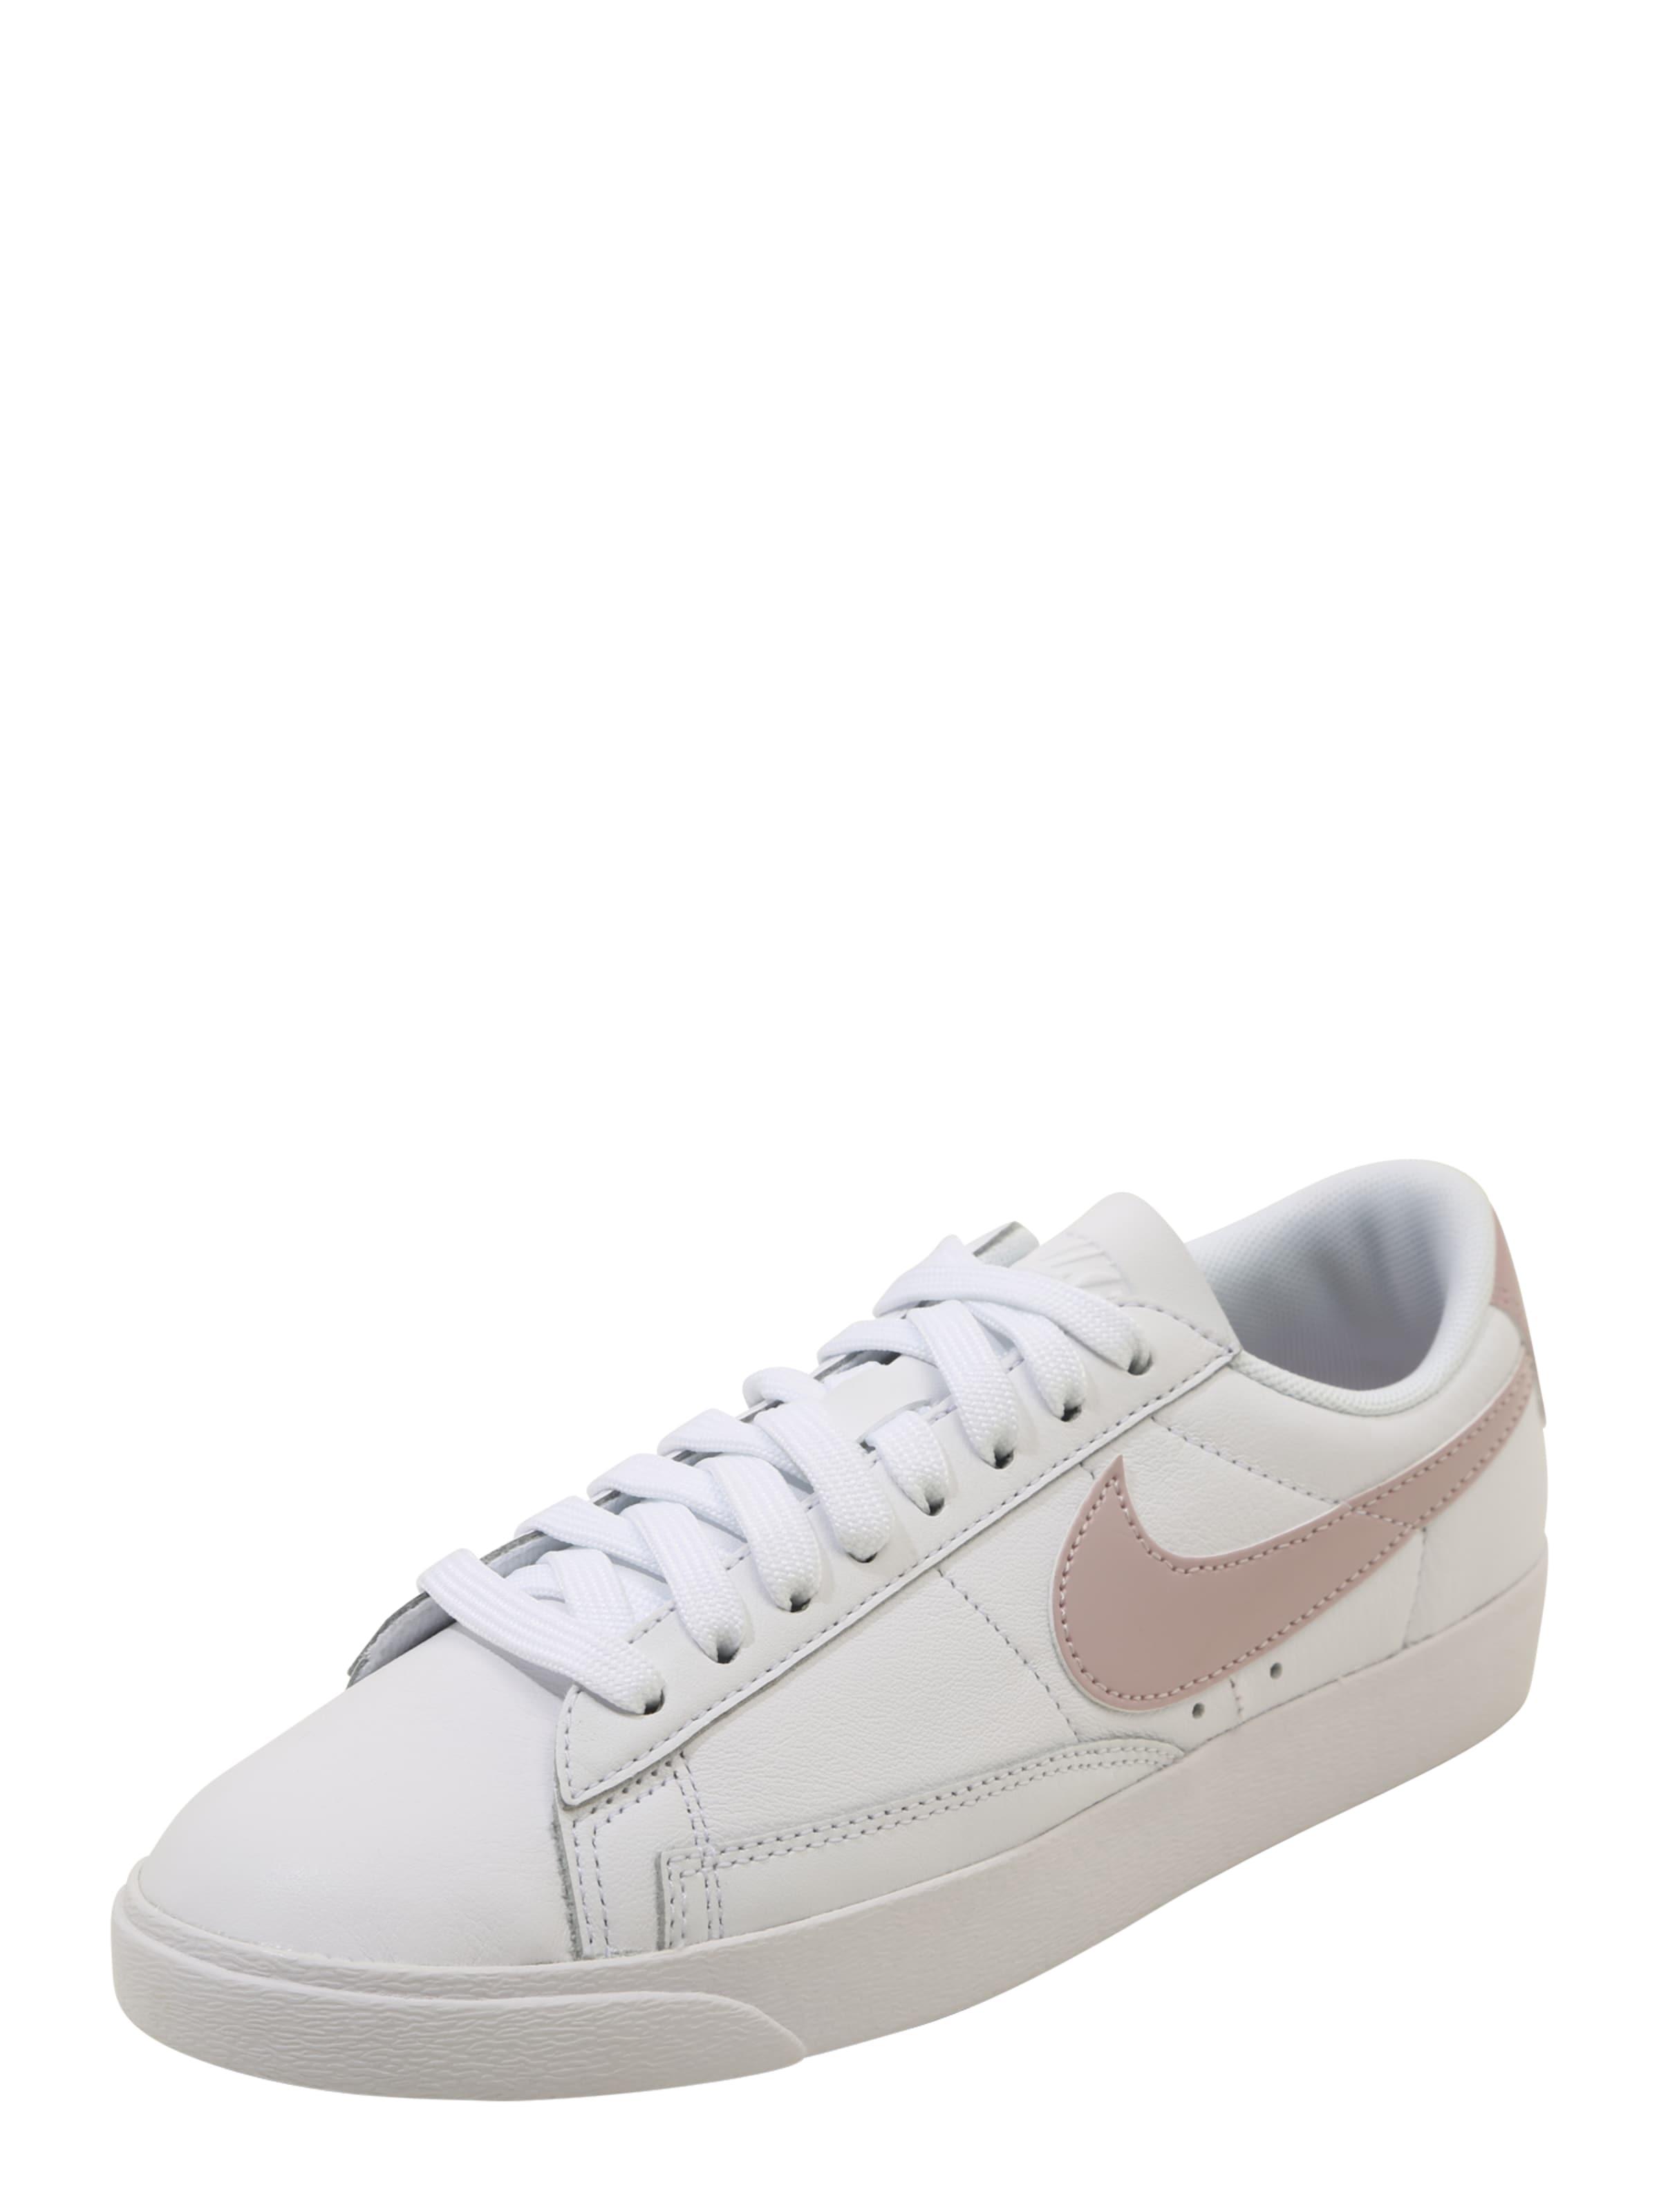 Nike Sneakers Blazer Couche De Vêtements De Sport Bas Le « Rose / Blanc En Poudre NYAxSRr2Sb